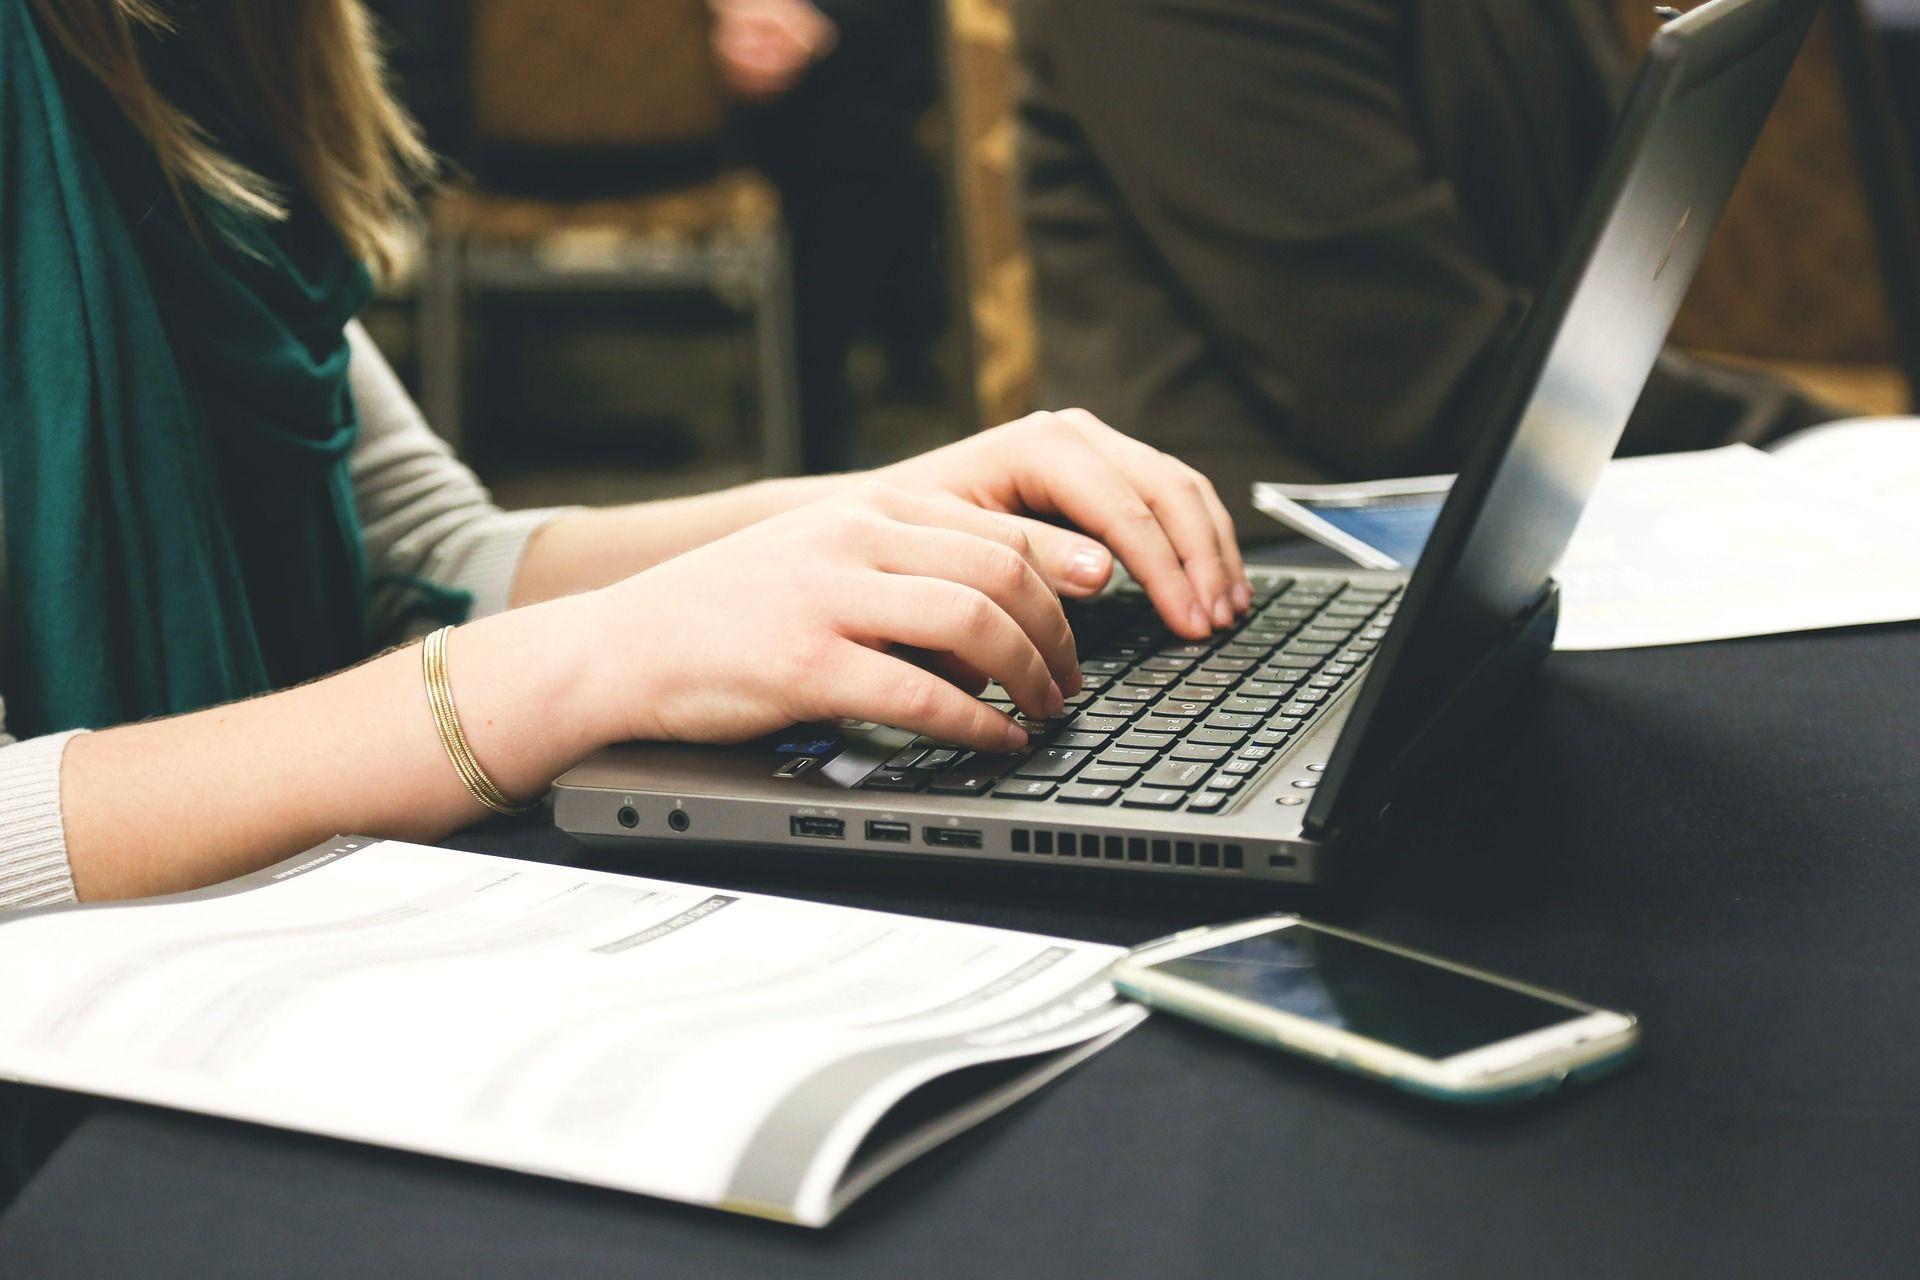 sprawdzone laptopy